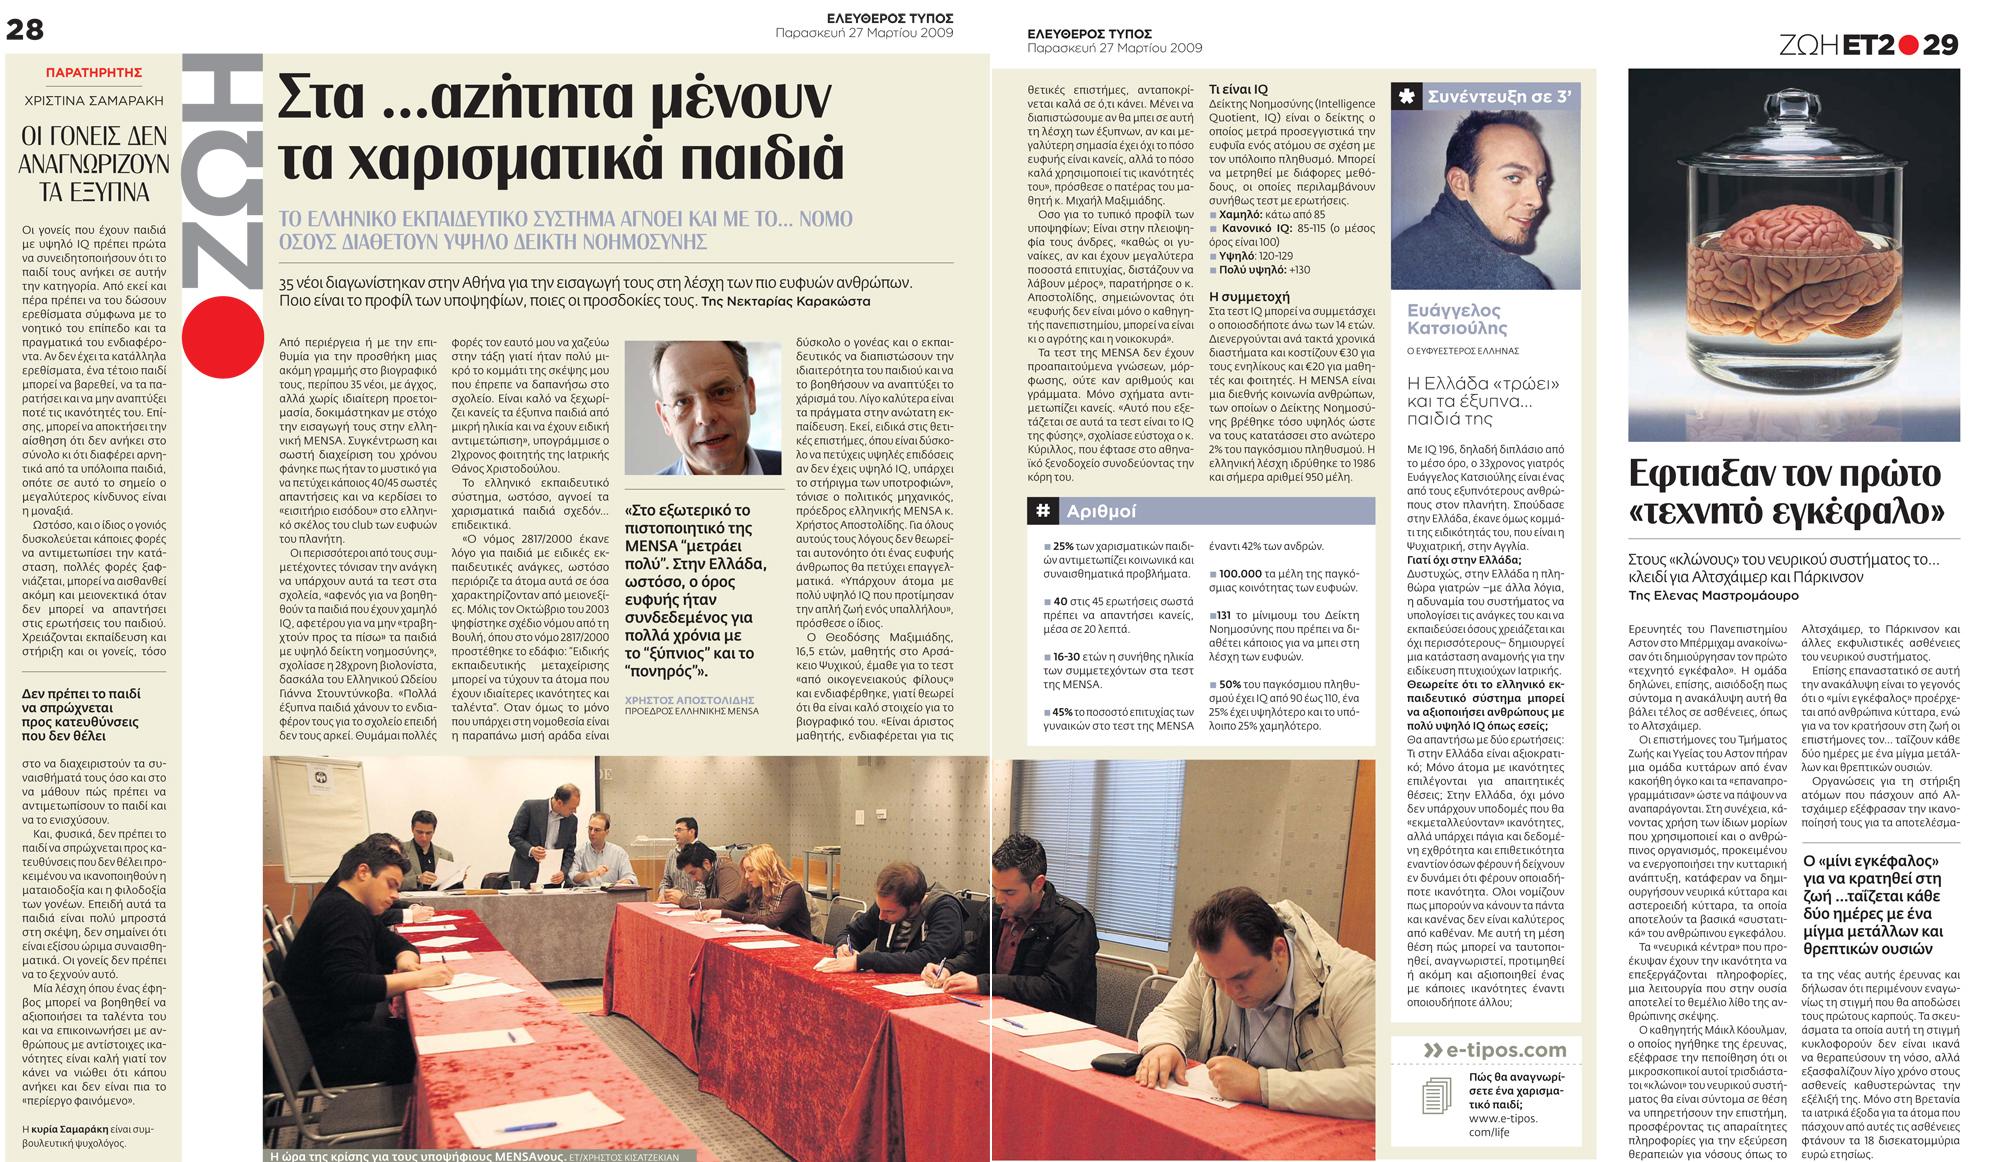 Dr Katsioulis on Eleftheros Typos, 2009